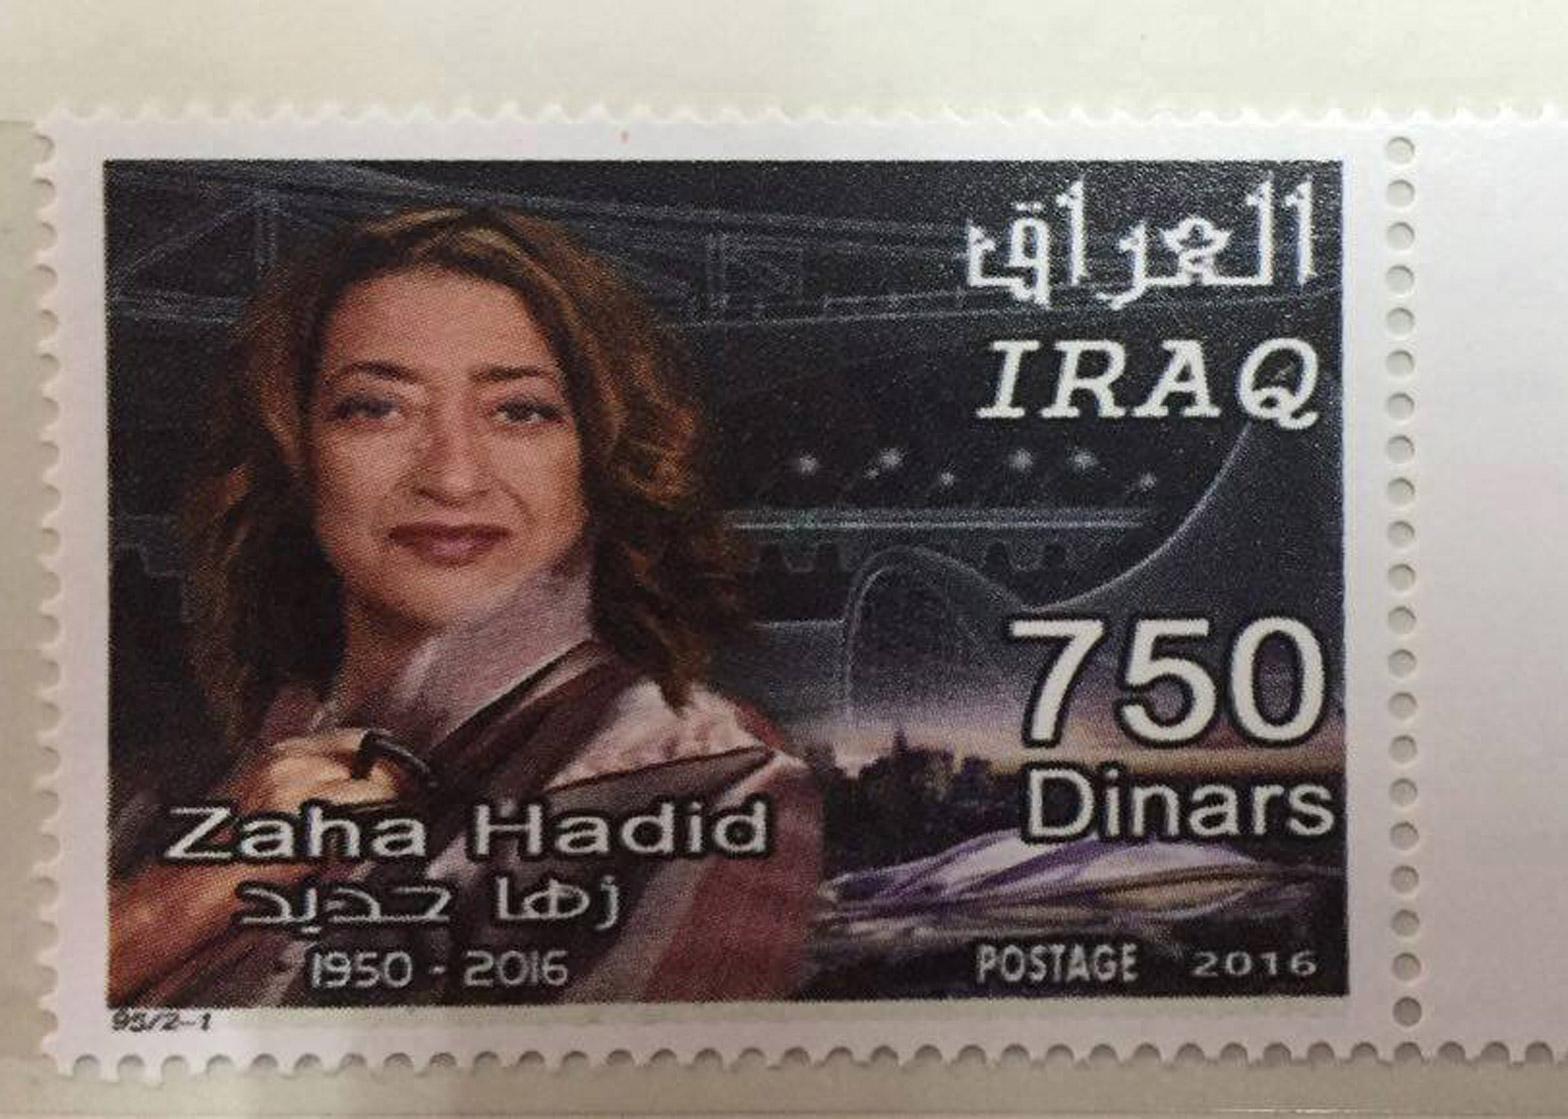 zaha hadid features on